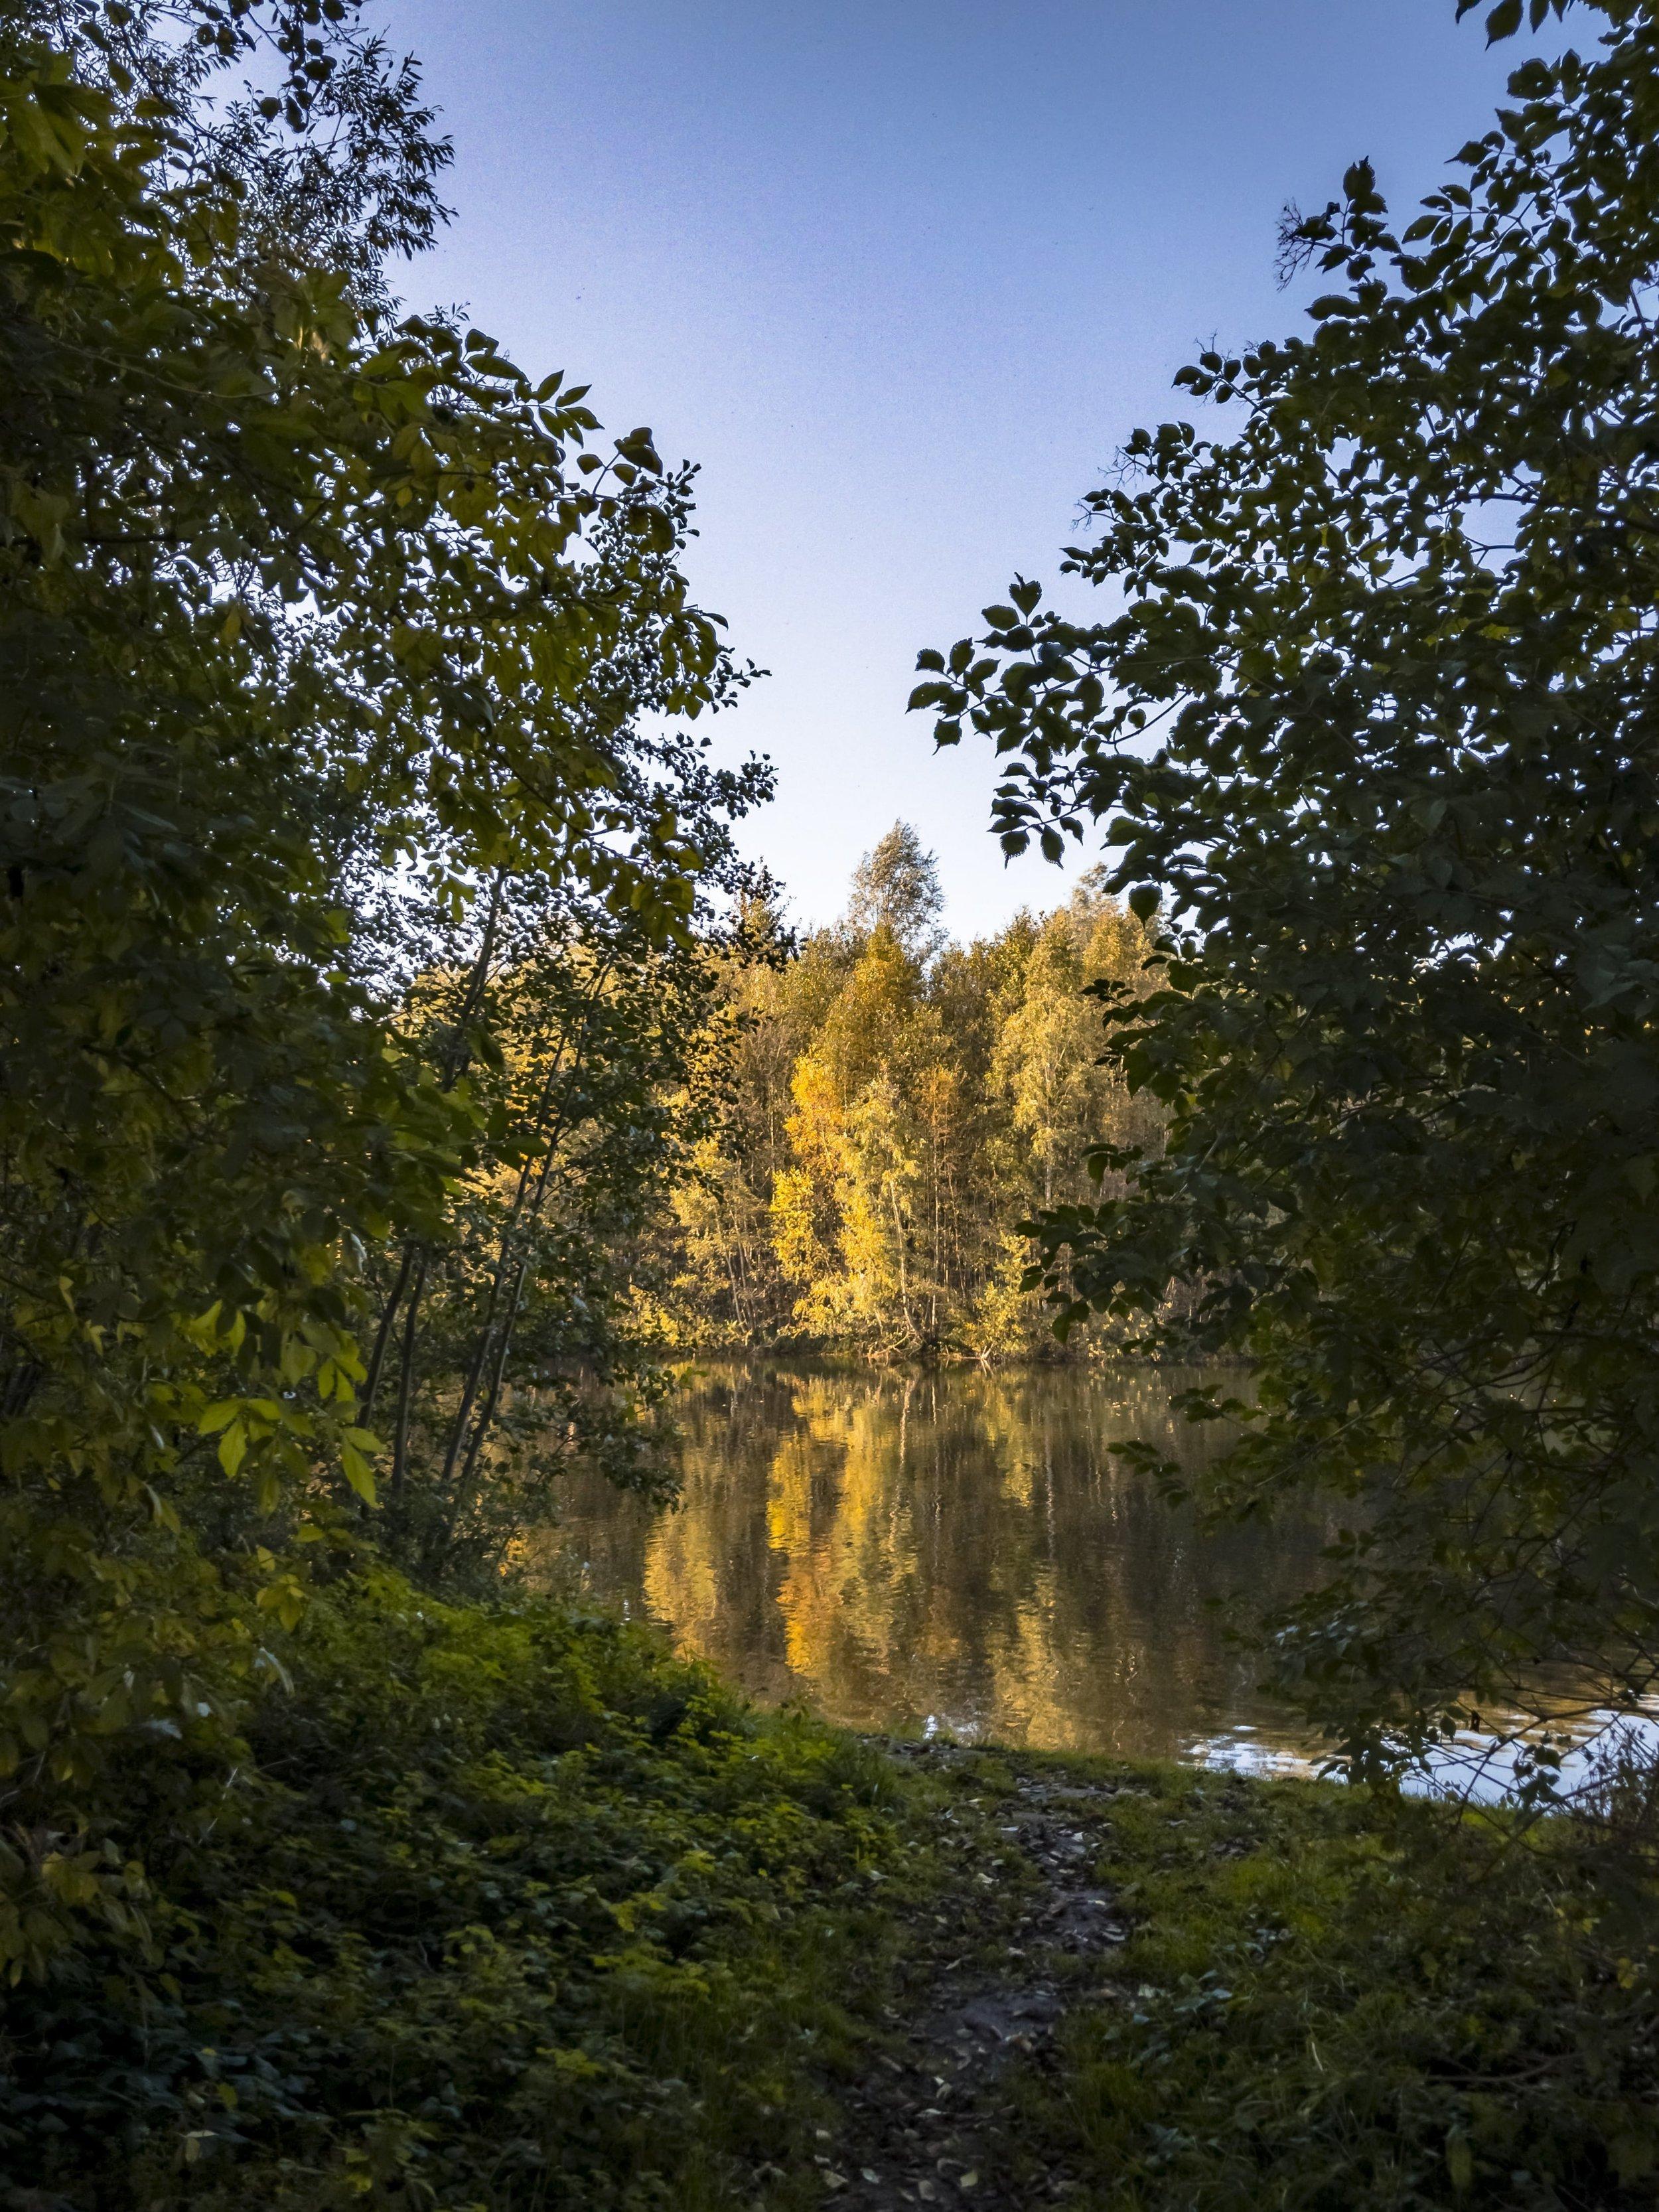 APC_0387-hdr - Herbst ShotoniPhone Autumn Blätter Leaves Sun Sonne Light Threes Licht Bäume Baum Stadt Osnabrück.jpg